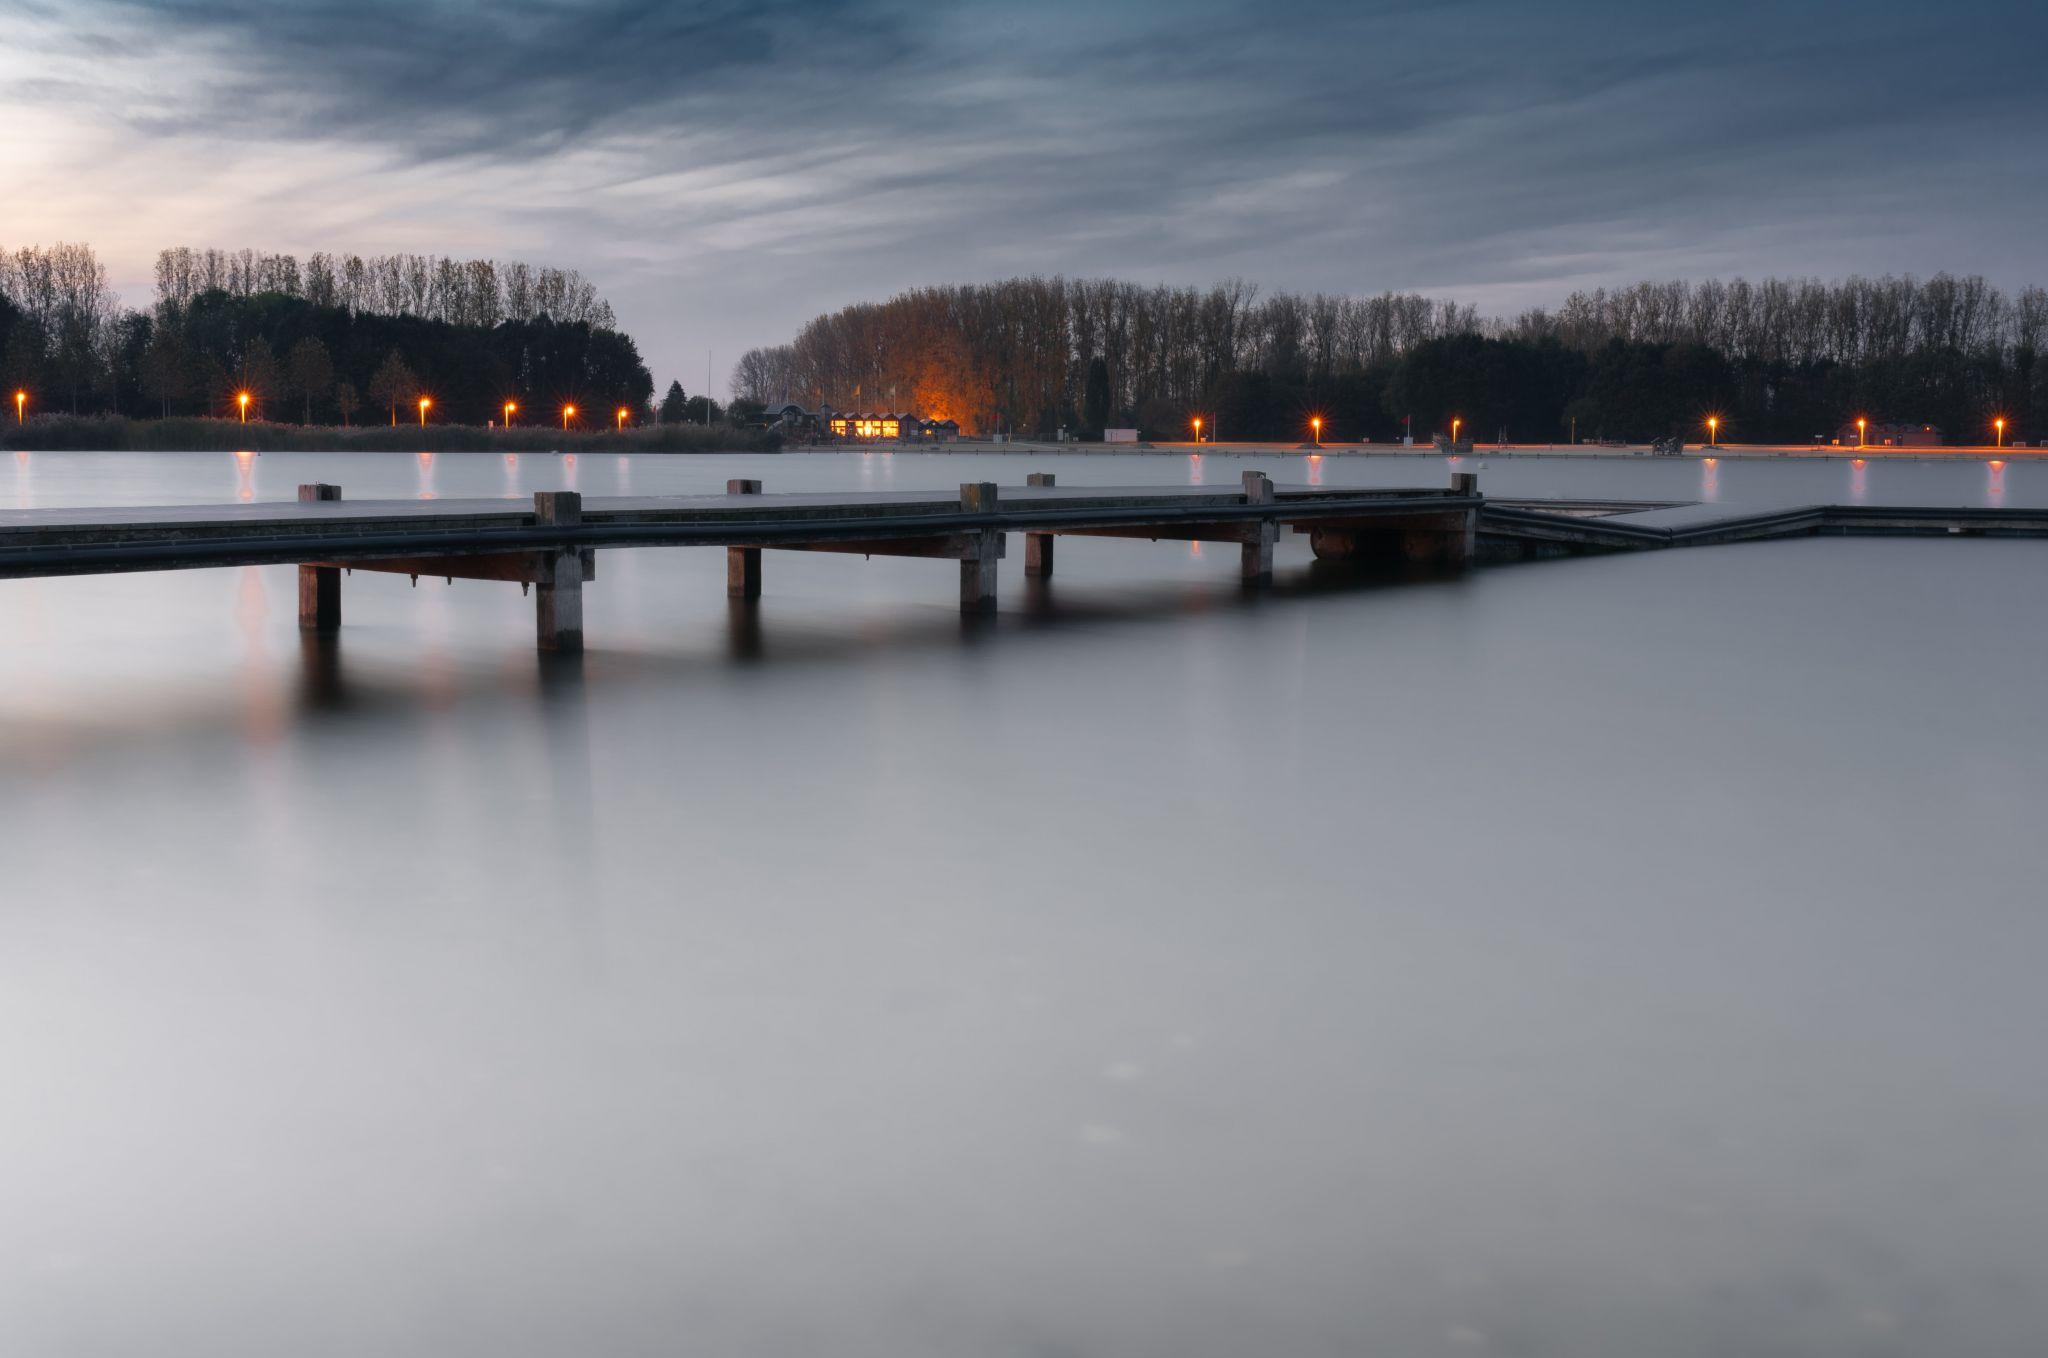 At the lake, Belgium